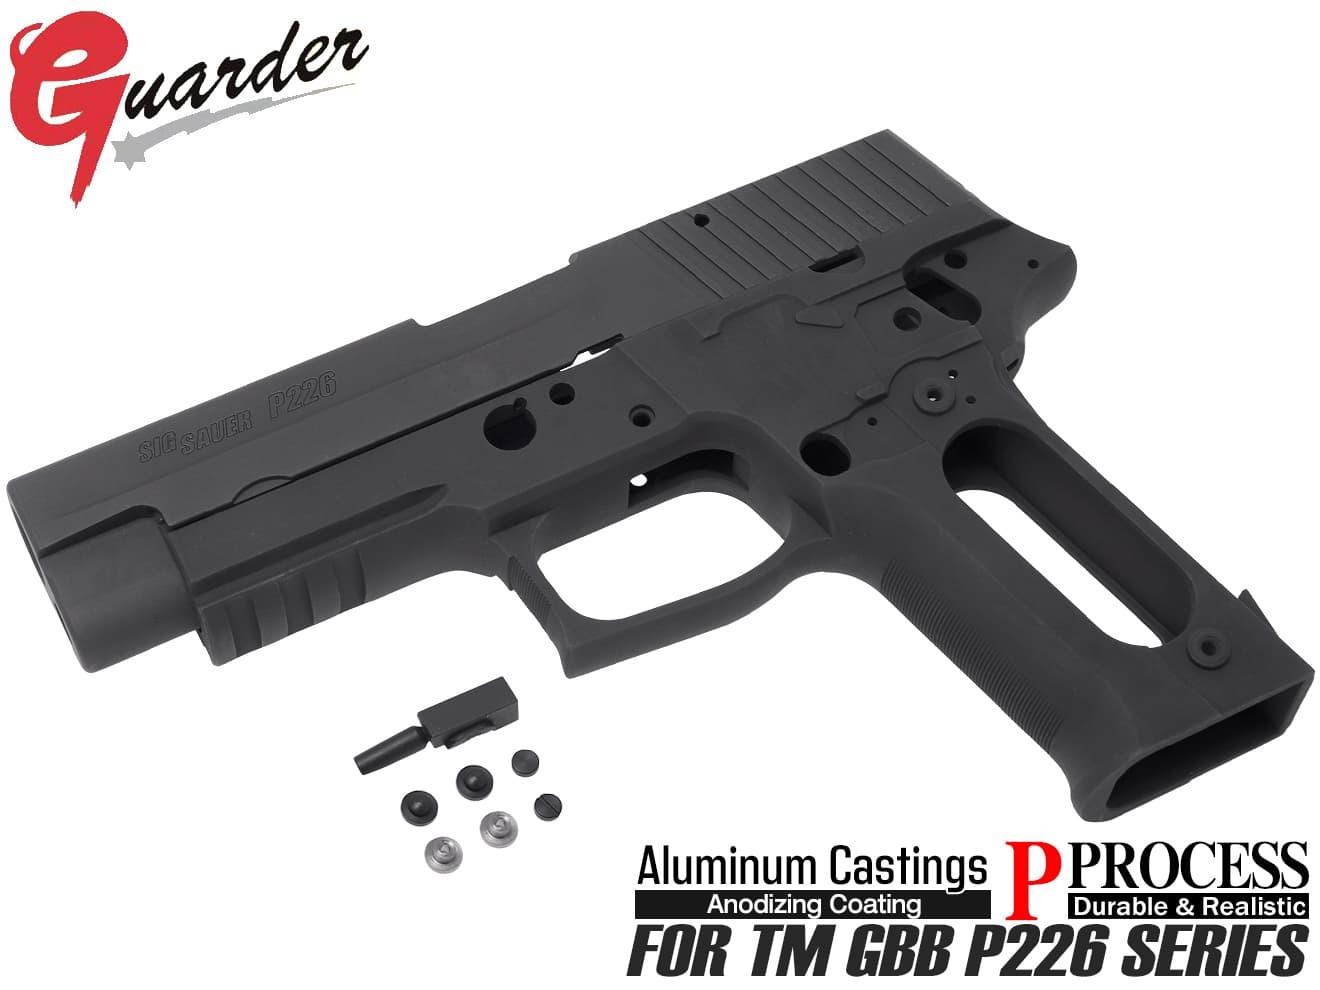 P226-15(BK)■【送料無料】GUARDER ガーダー P226 RAIL アルミスライド&フレームKIT Late Version Marking BK 東京マルイP226